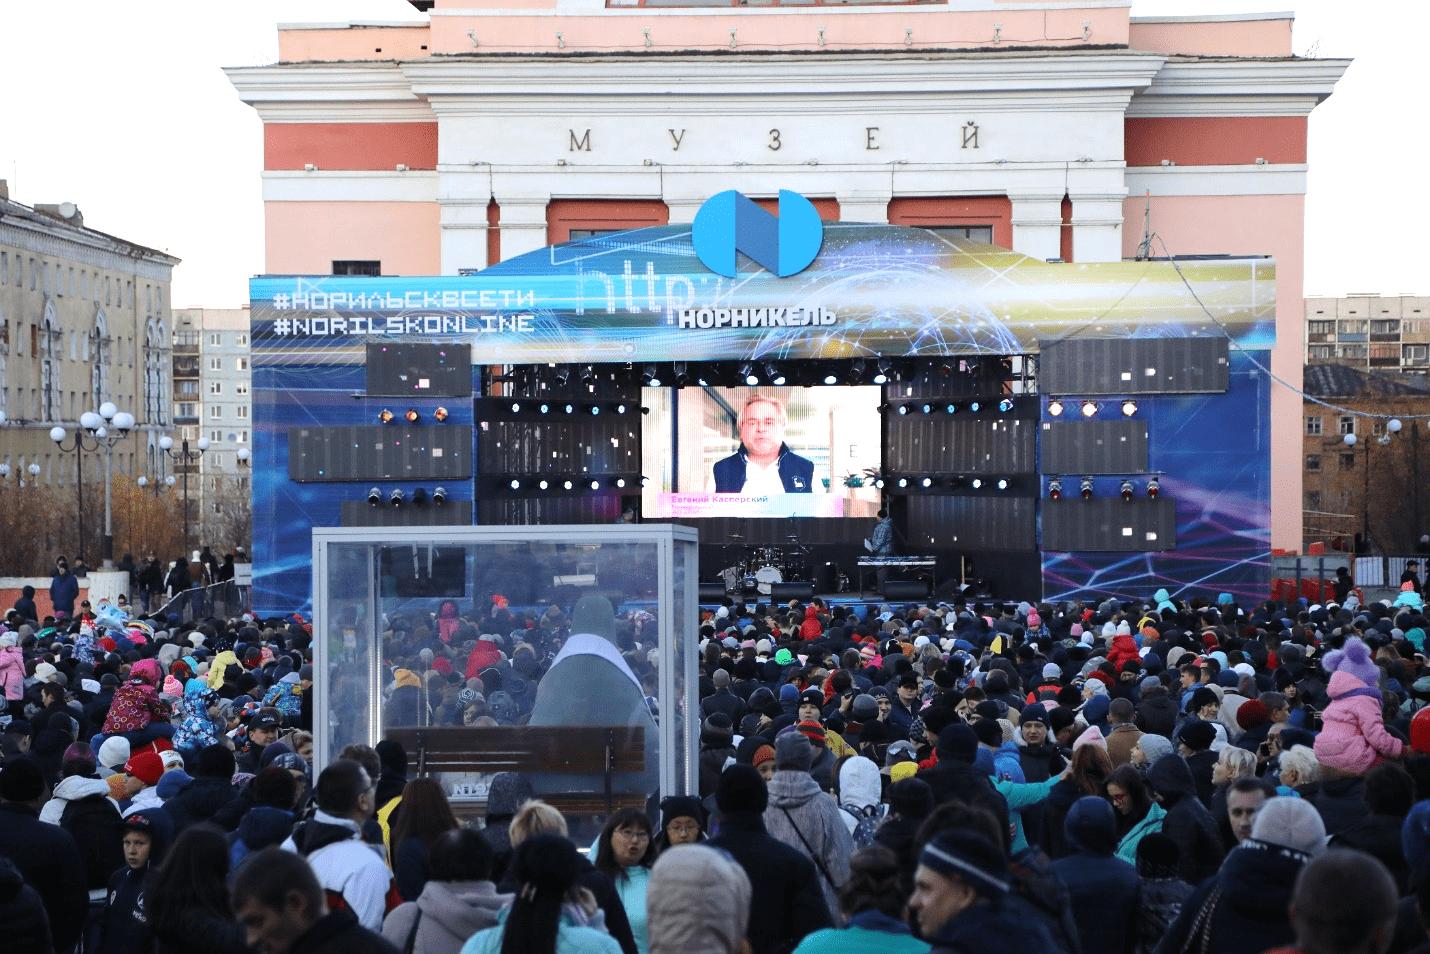 norilsk-internet-01.png